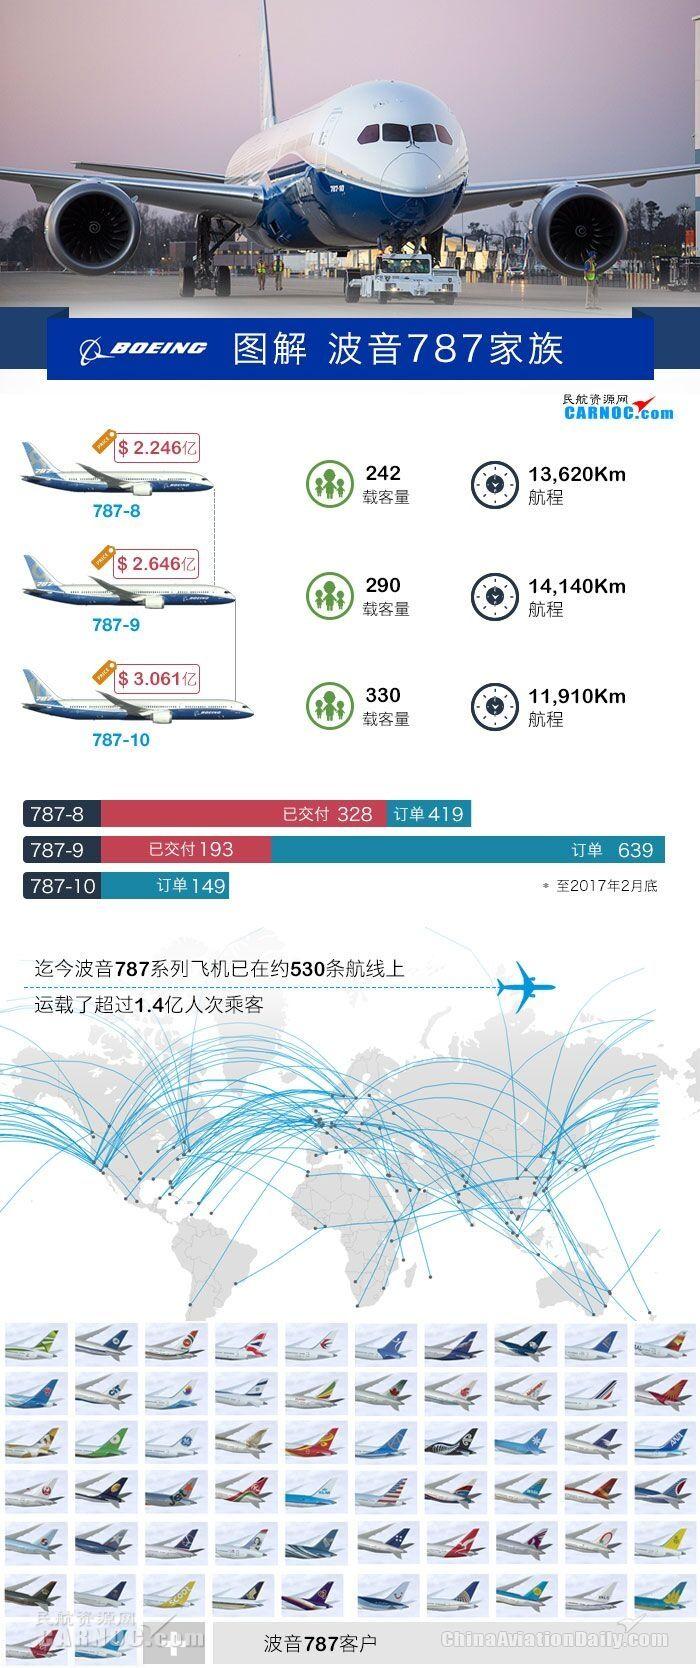 北京民用飞机技术研究中心-行业资讯